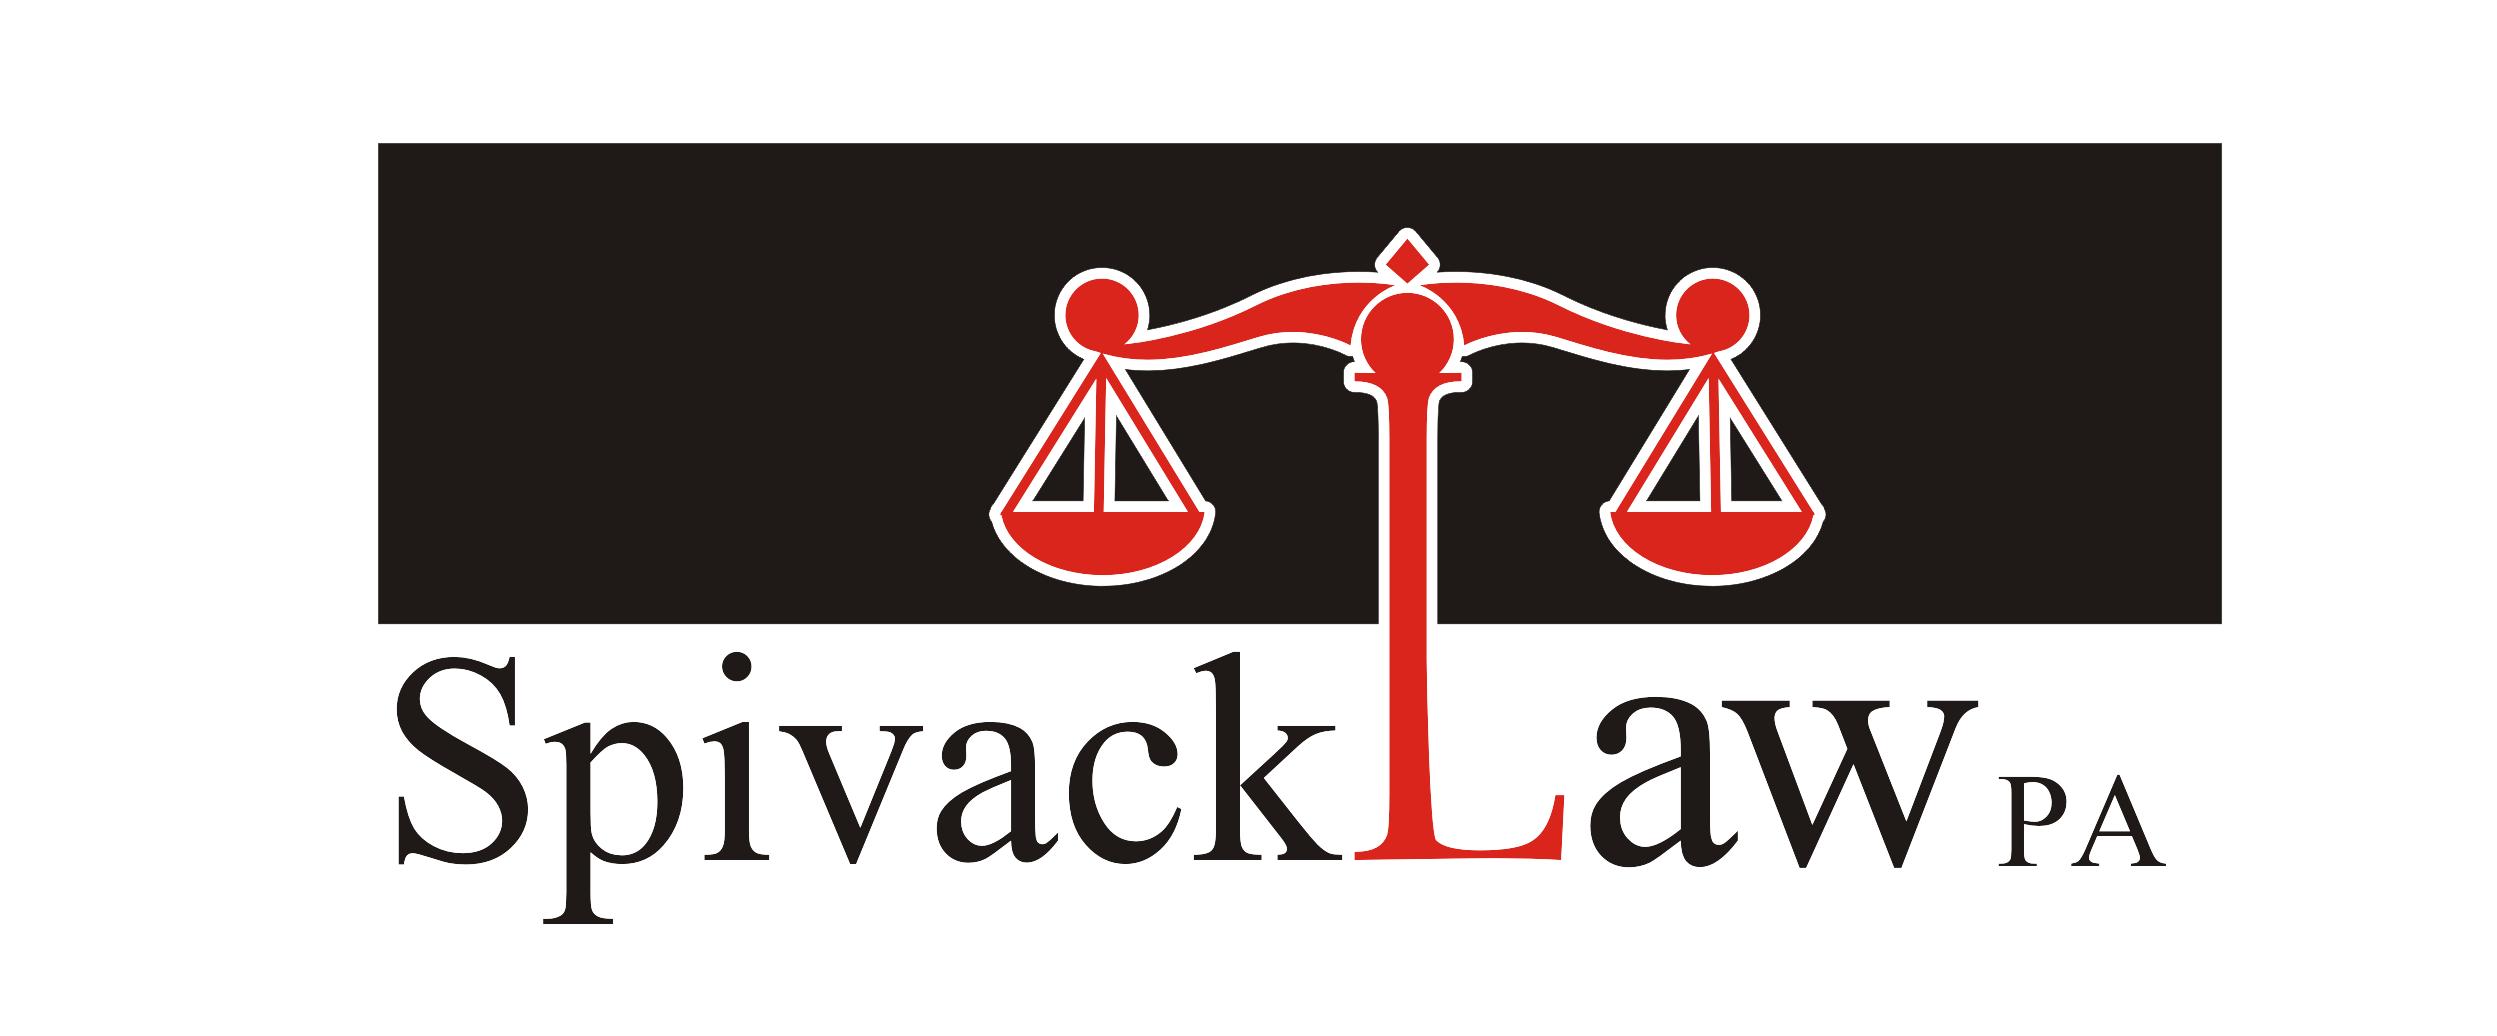 Spivack Law PA